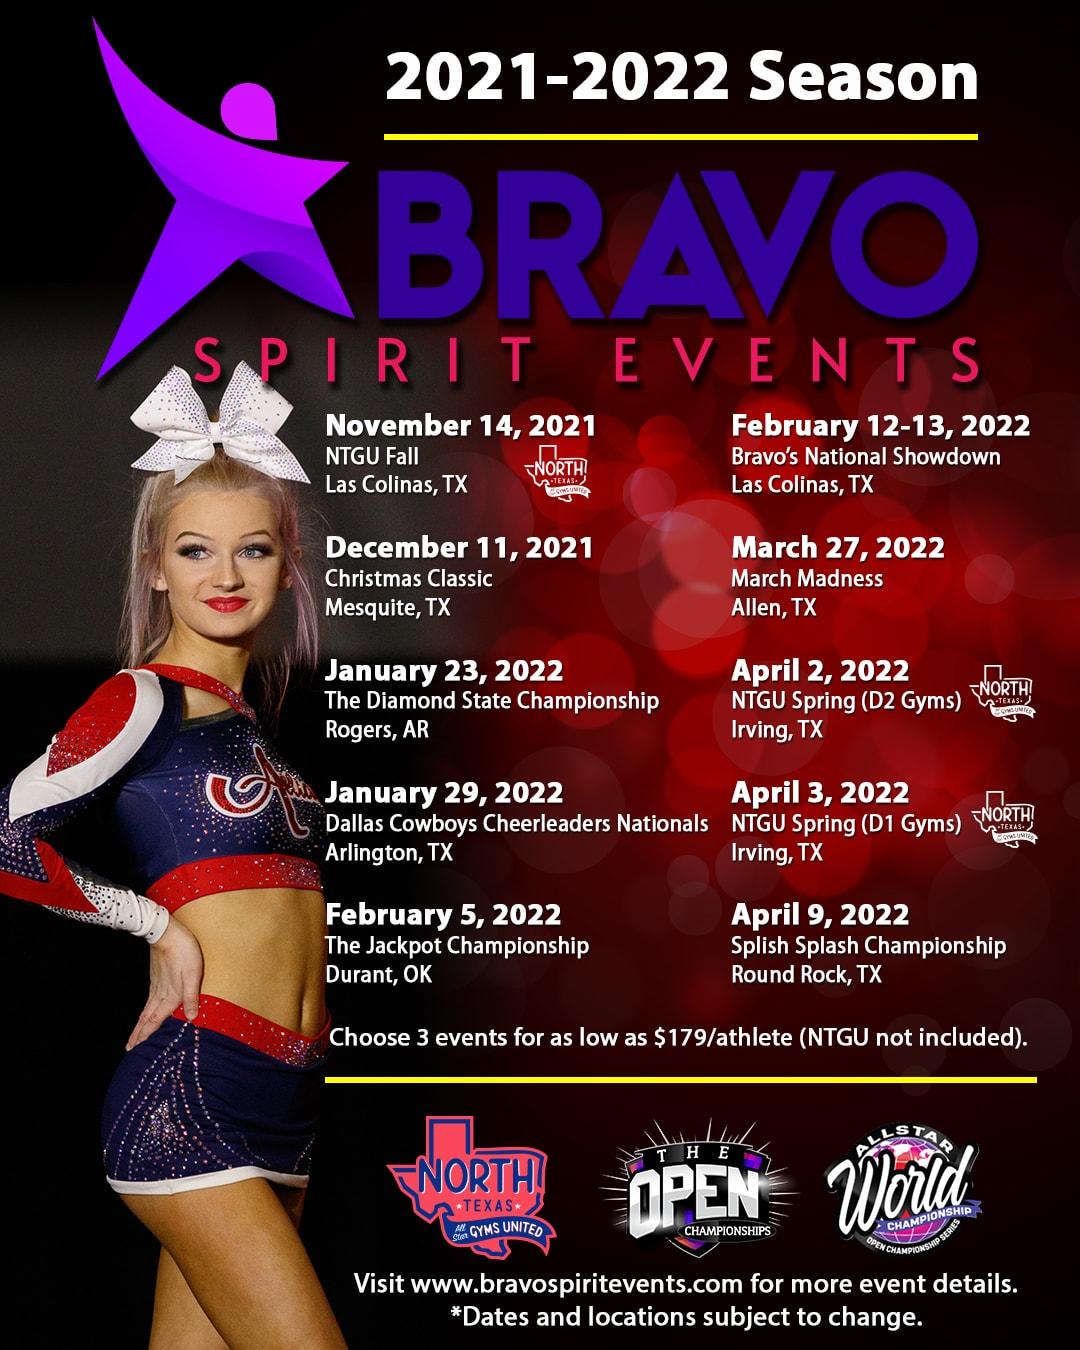 Bravo Spirit Event 2021-2022 Schedule